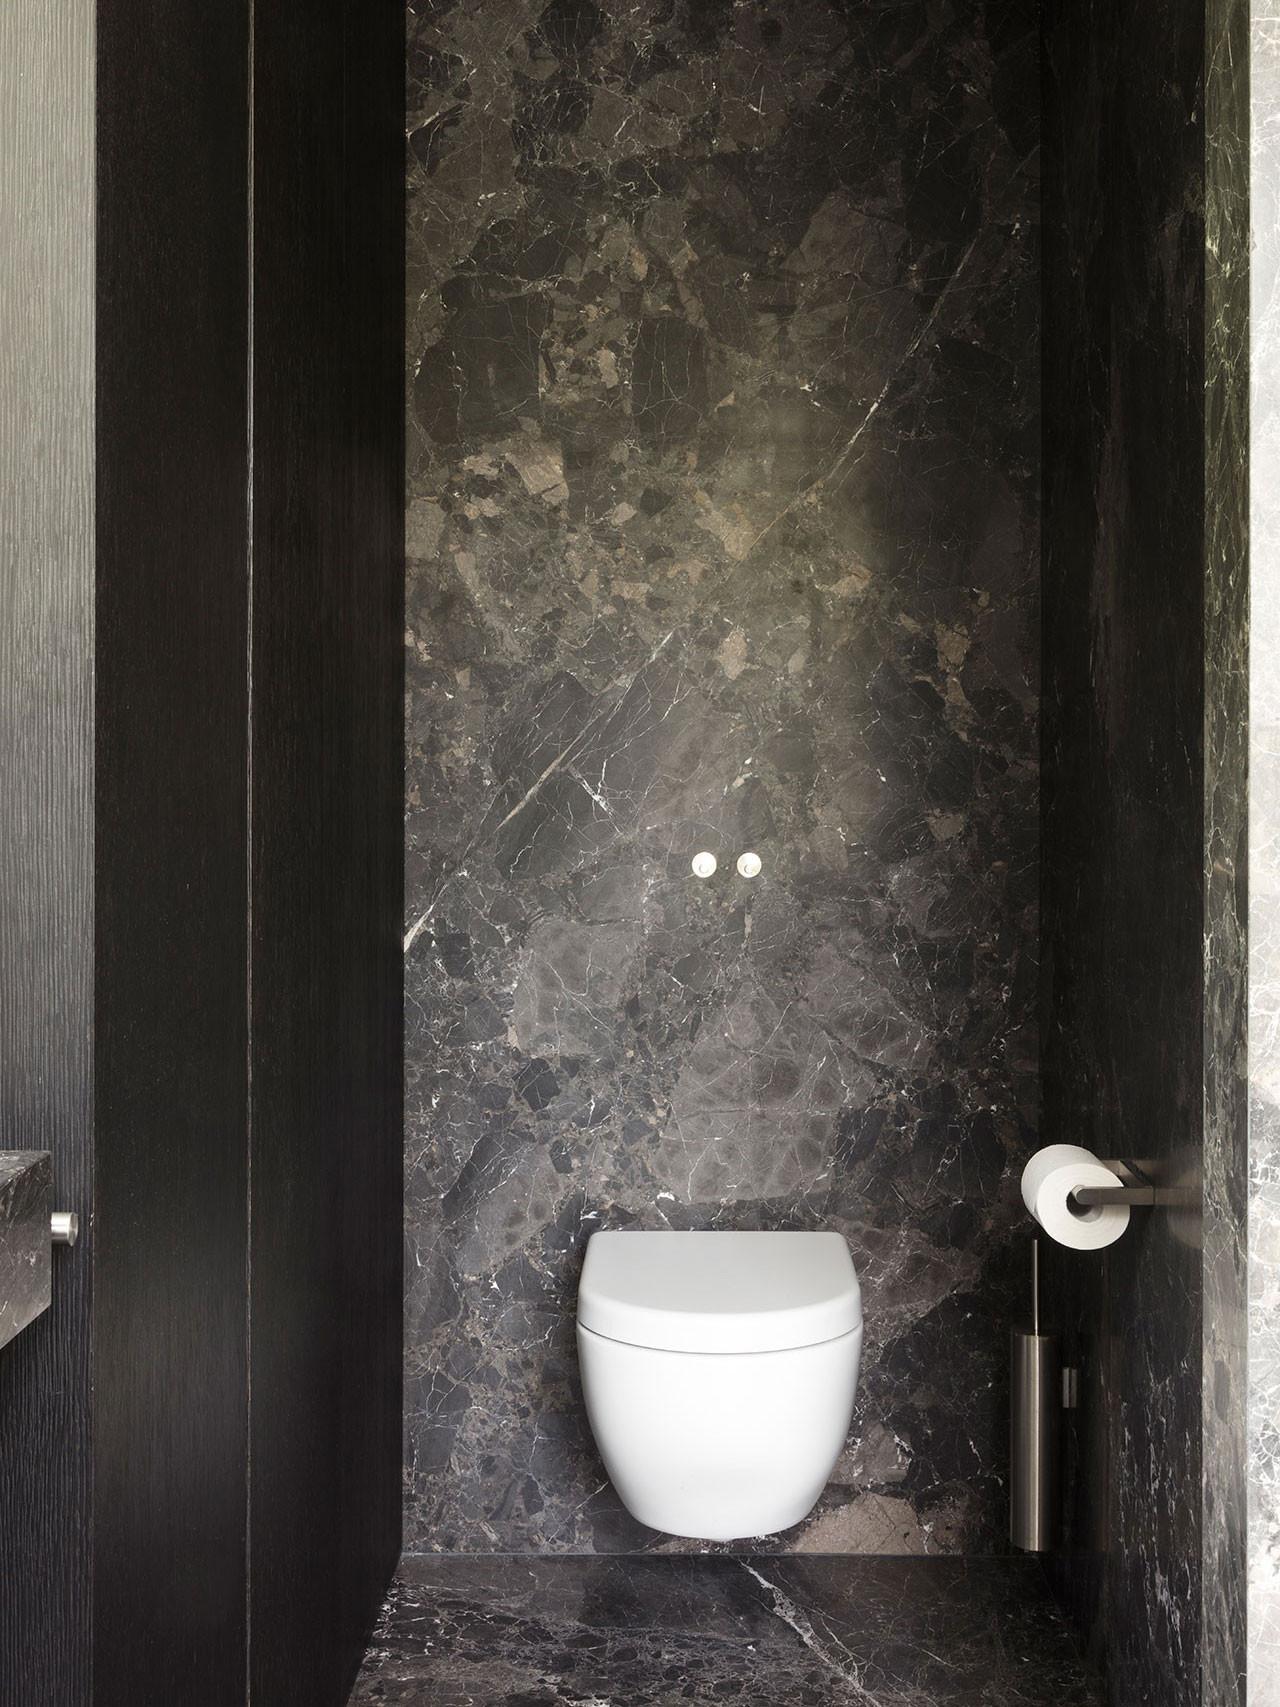 totaalinrichting-badkamer-dressing-eik-marmer-4.jpg